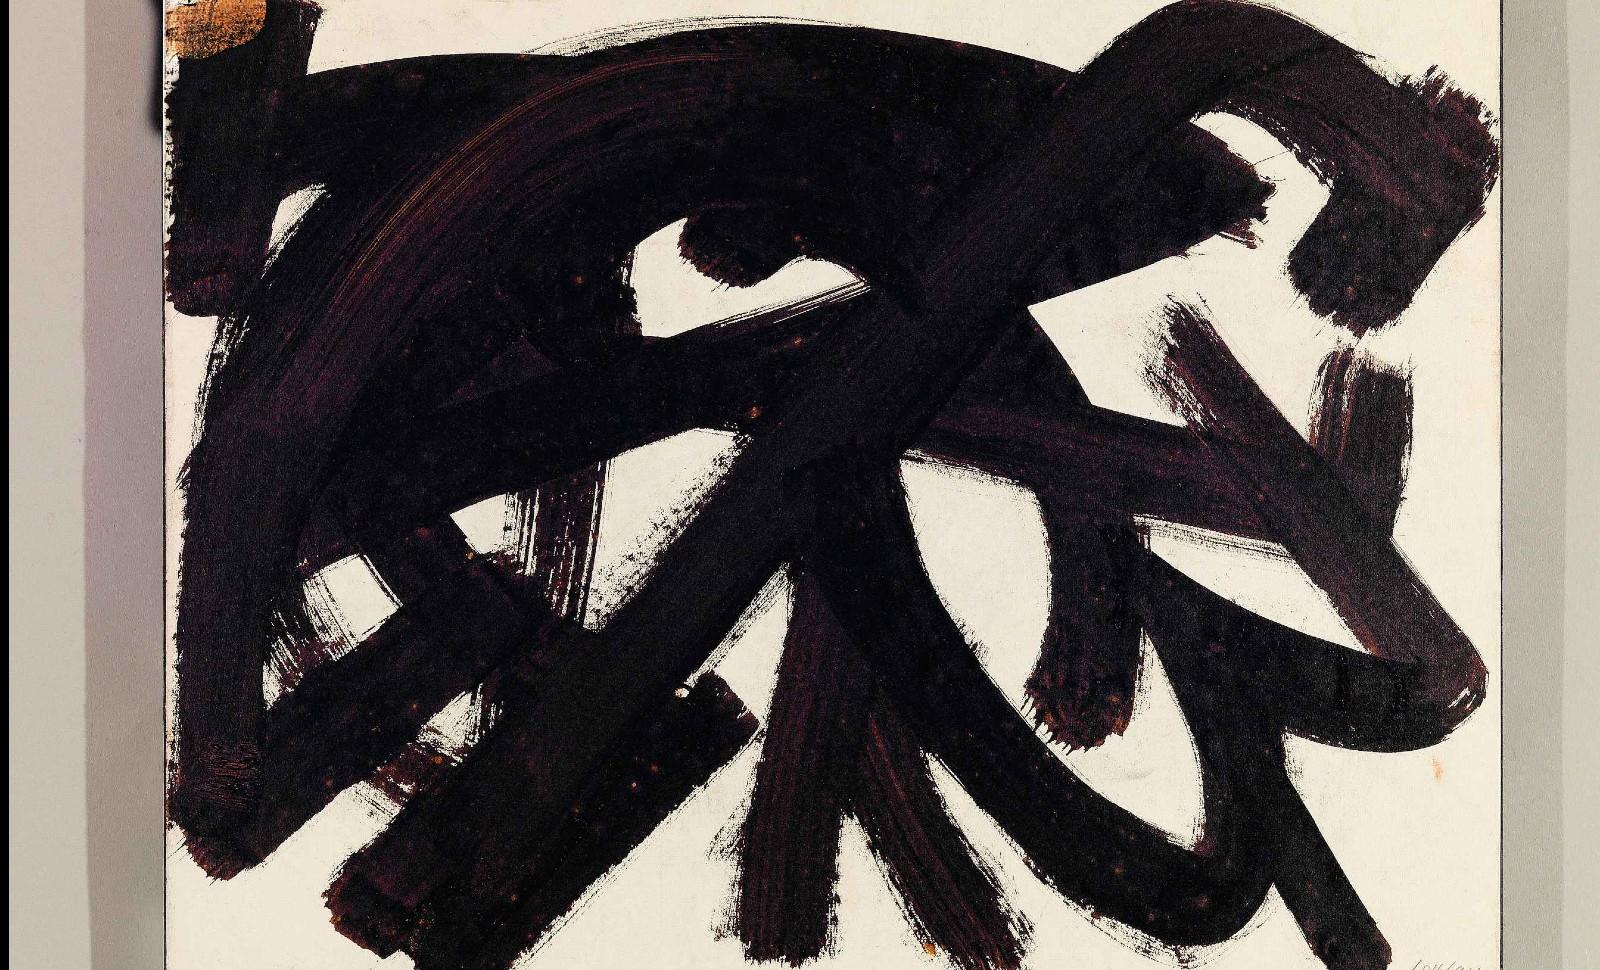 Pierre Soulages, Brou de noix, 48,2 x 63,4 cm, 1946, Rodez, Musée Soulages © Archives Soulages © ADAGP, Paris 2019